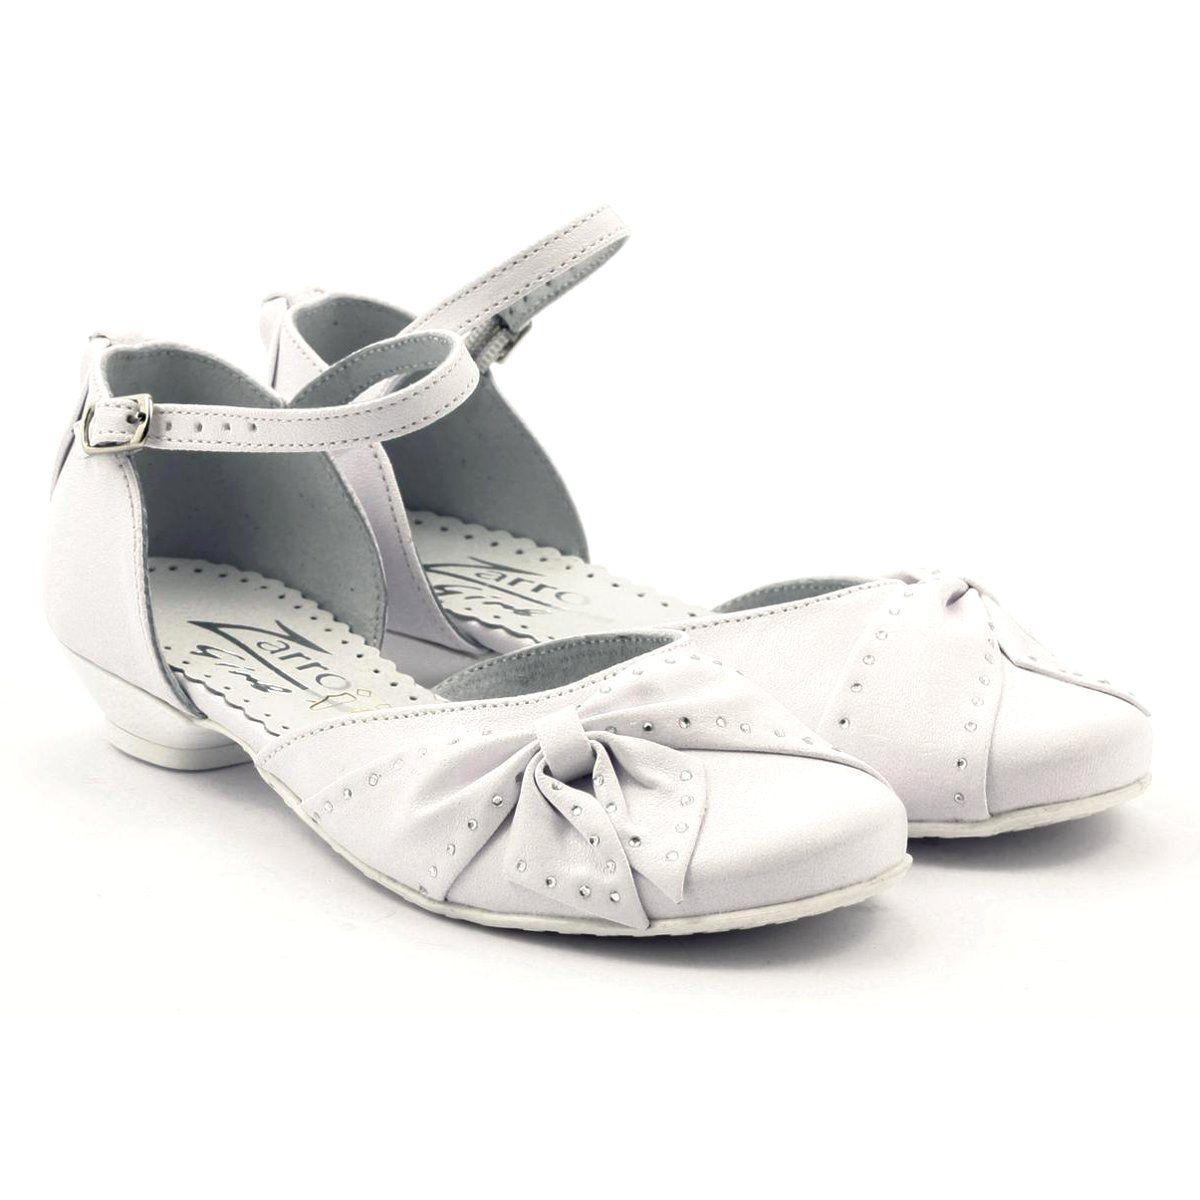 Zarro Buty Dzieciece Czolenka Komunijne Dziewczece Biale Oxford Shoes Womens Oxfords Shoes